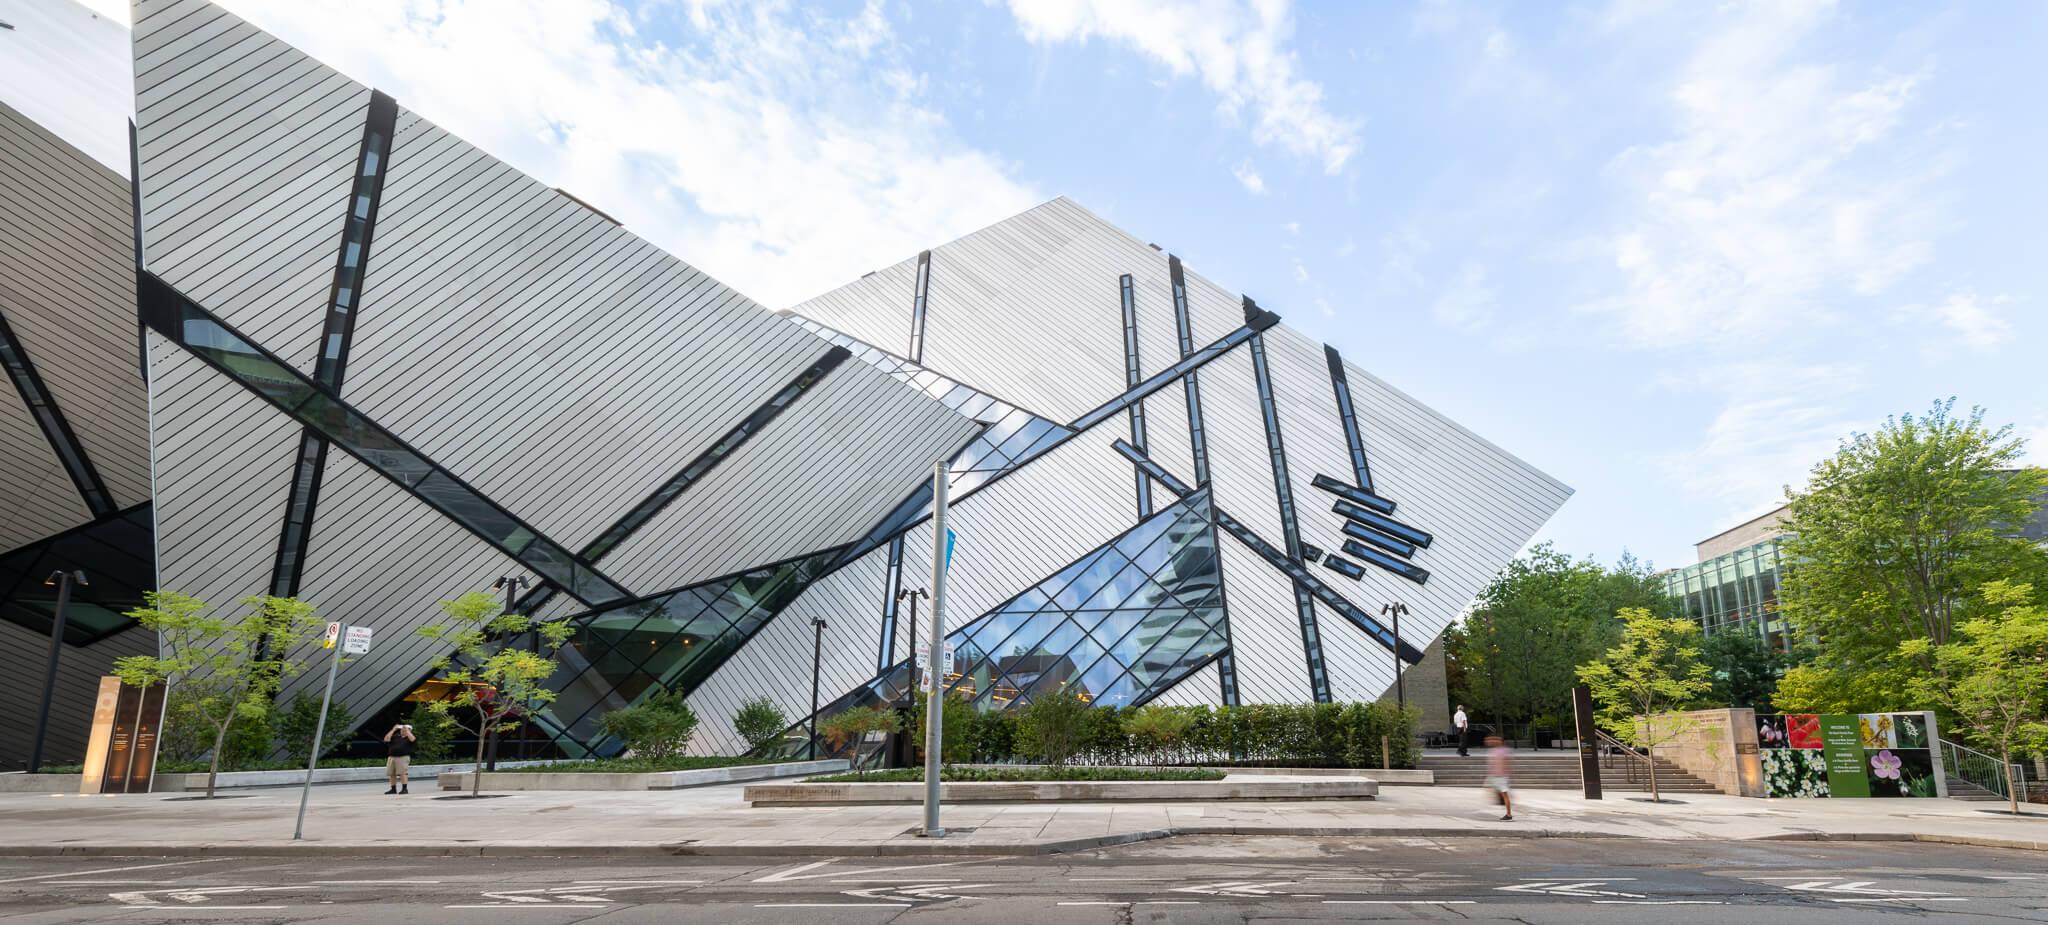 Bloor Street View, Royal Ontario Museum (ROM)